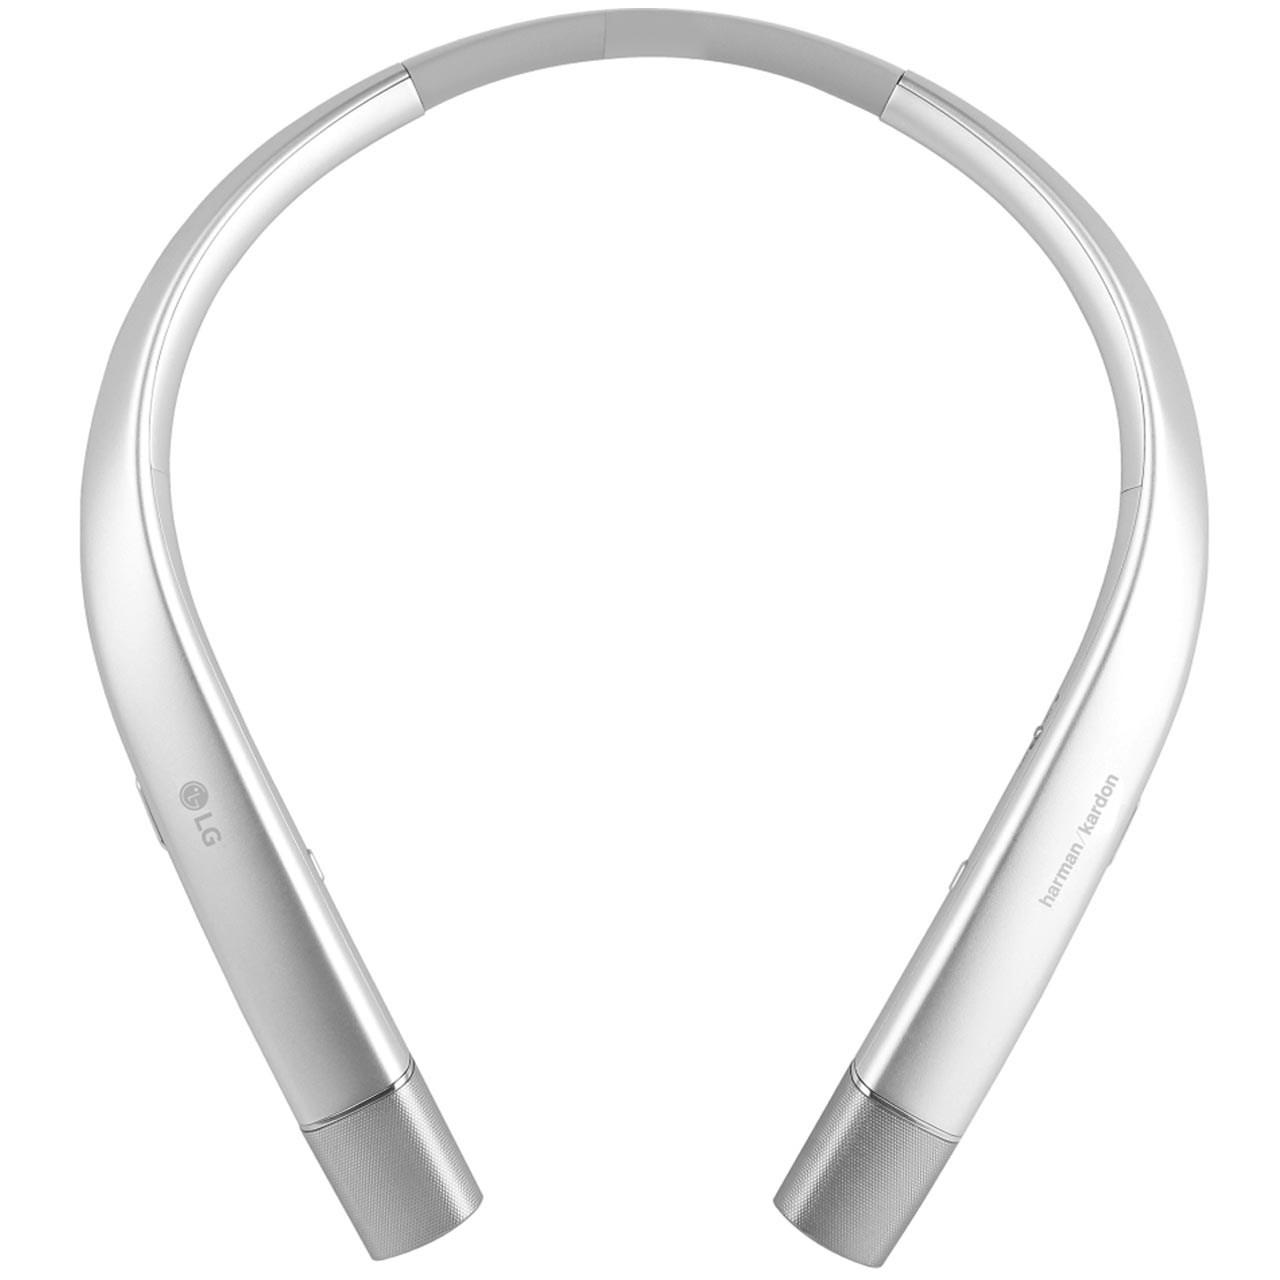 هدست استریو بی سیم ال جی مدل Tone Infinim Premium HBS-920